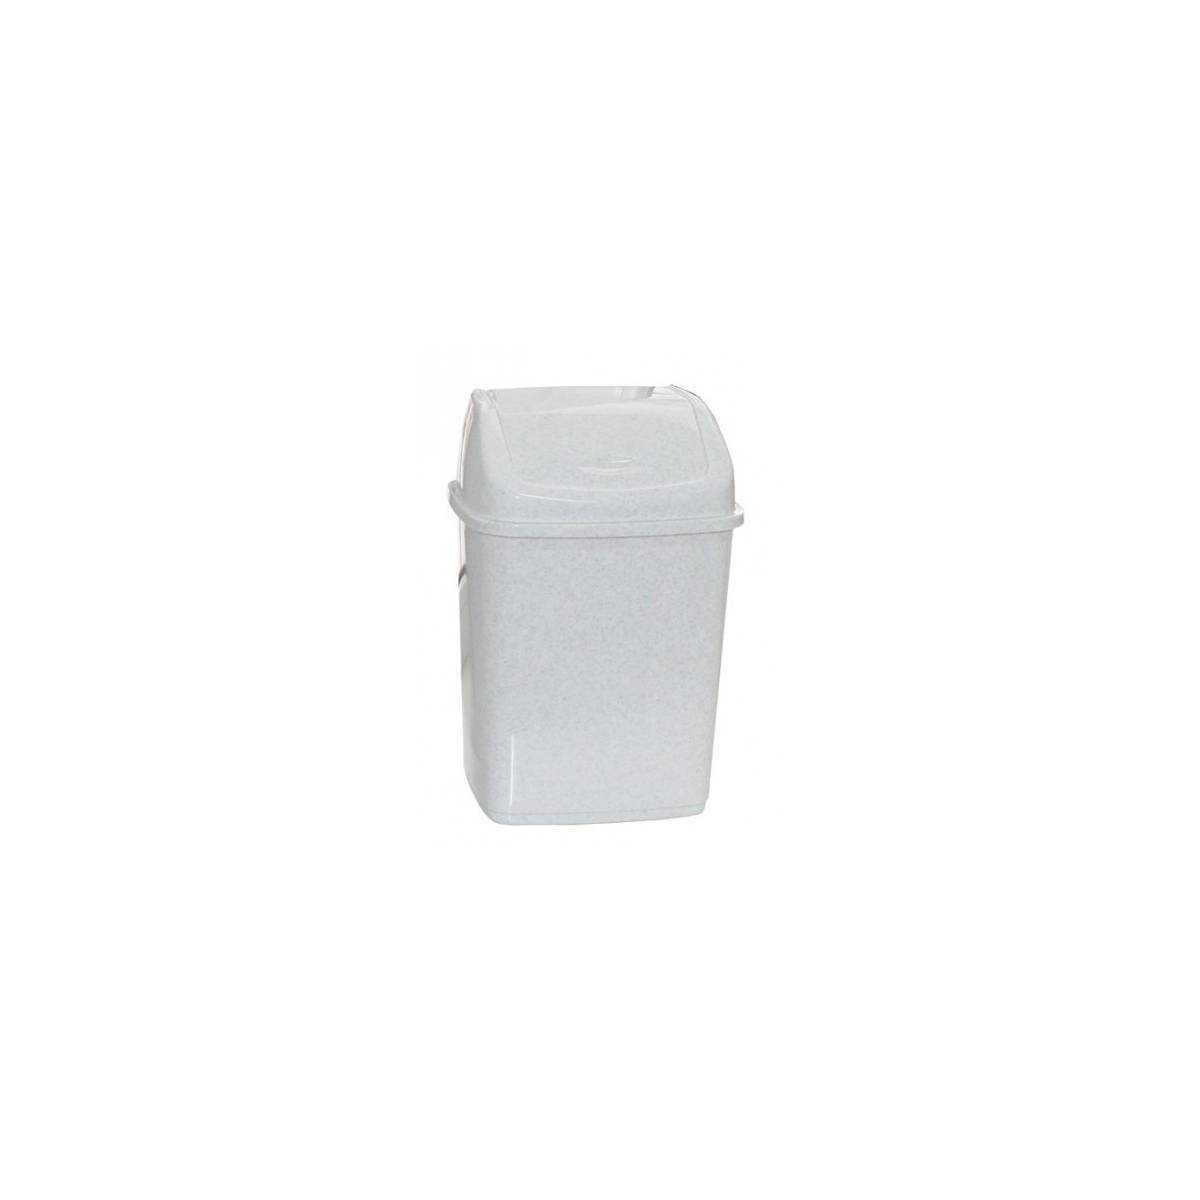 Урна для мусора с поворотной крышкой 10л (883) 122063 Mar Plast